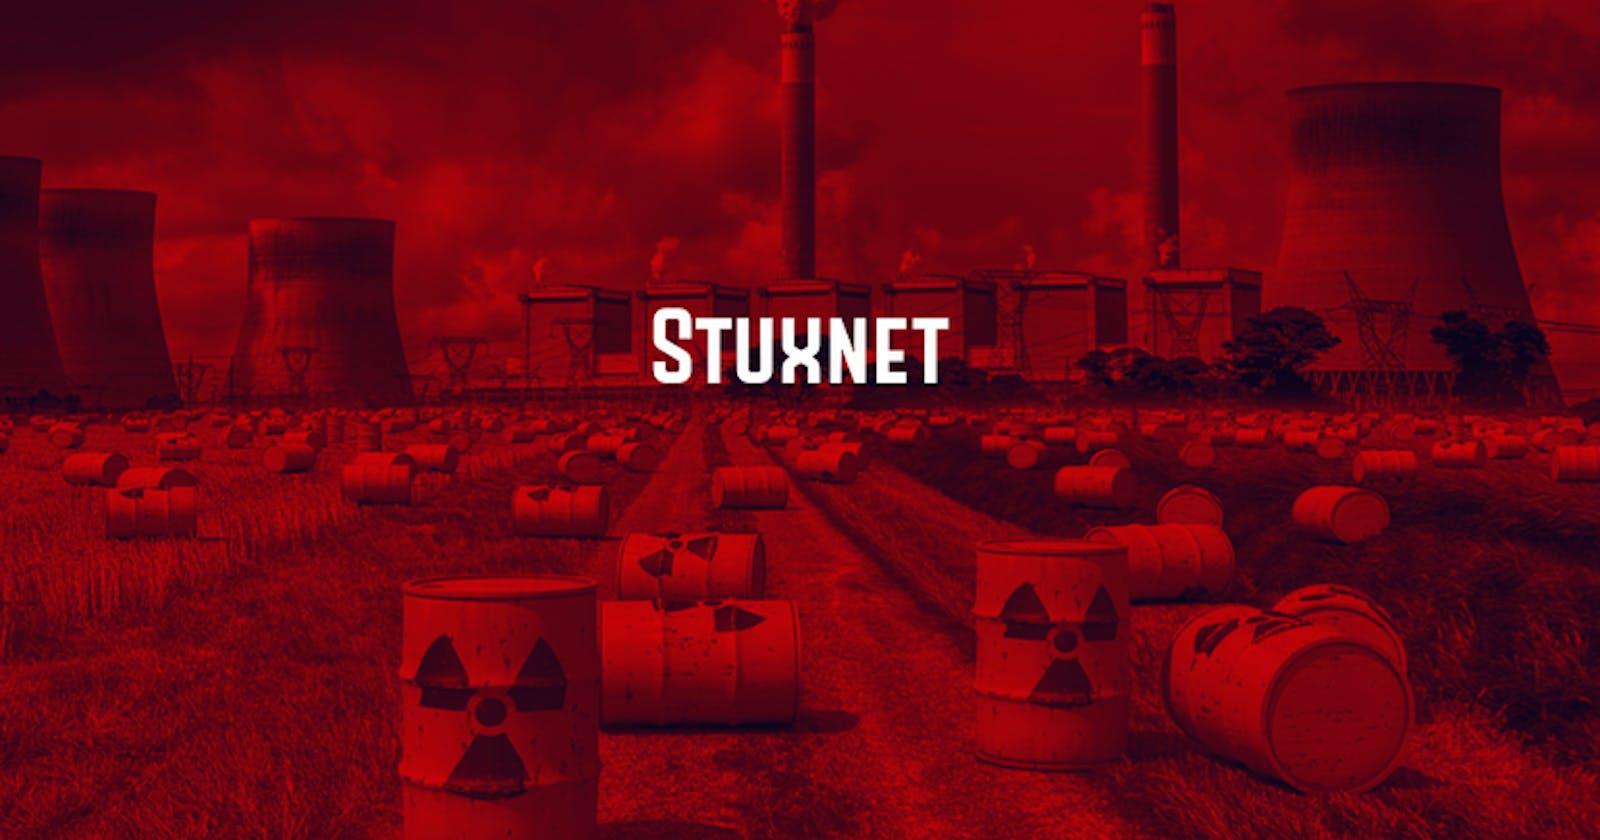 Catatan tentang Stuxnet (Bagian 1: Pendahuluan)